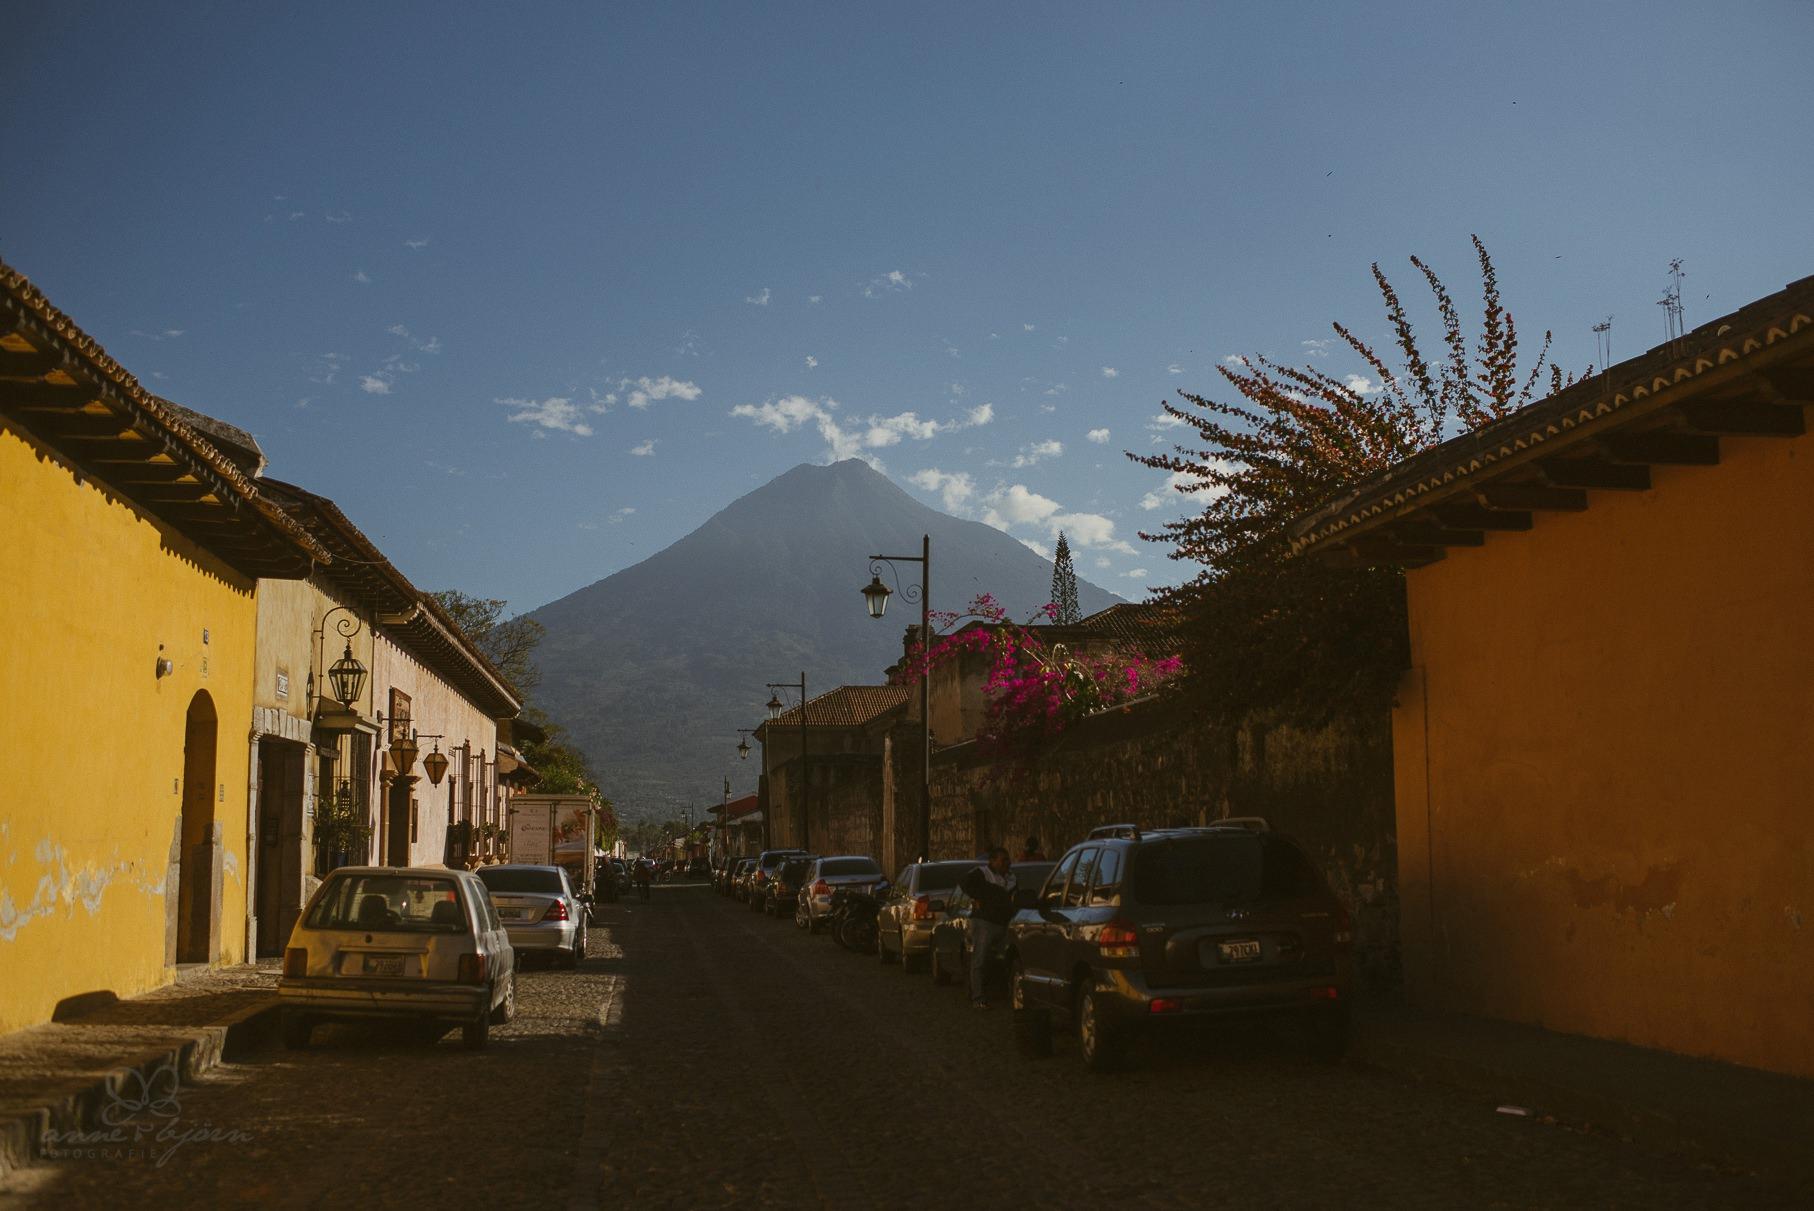 0032 anne und bjoern guatemala d75 1168 2 - 4 Wochen durch Guatemala - backpacking durch Mittelamerika